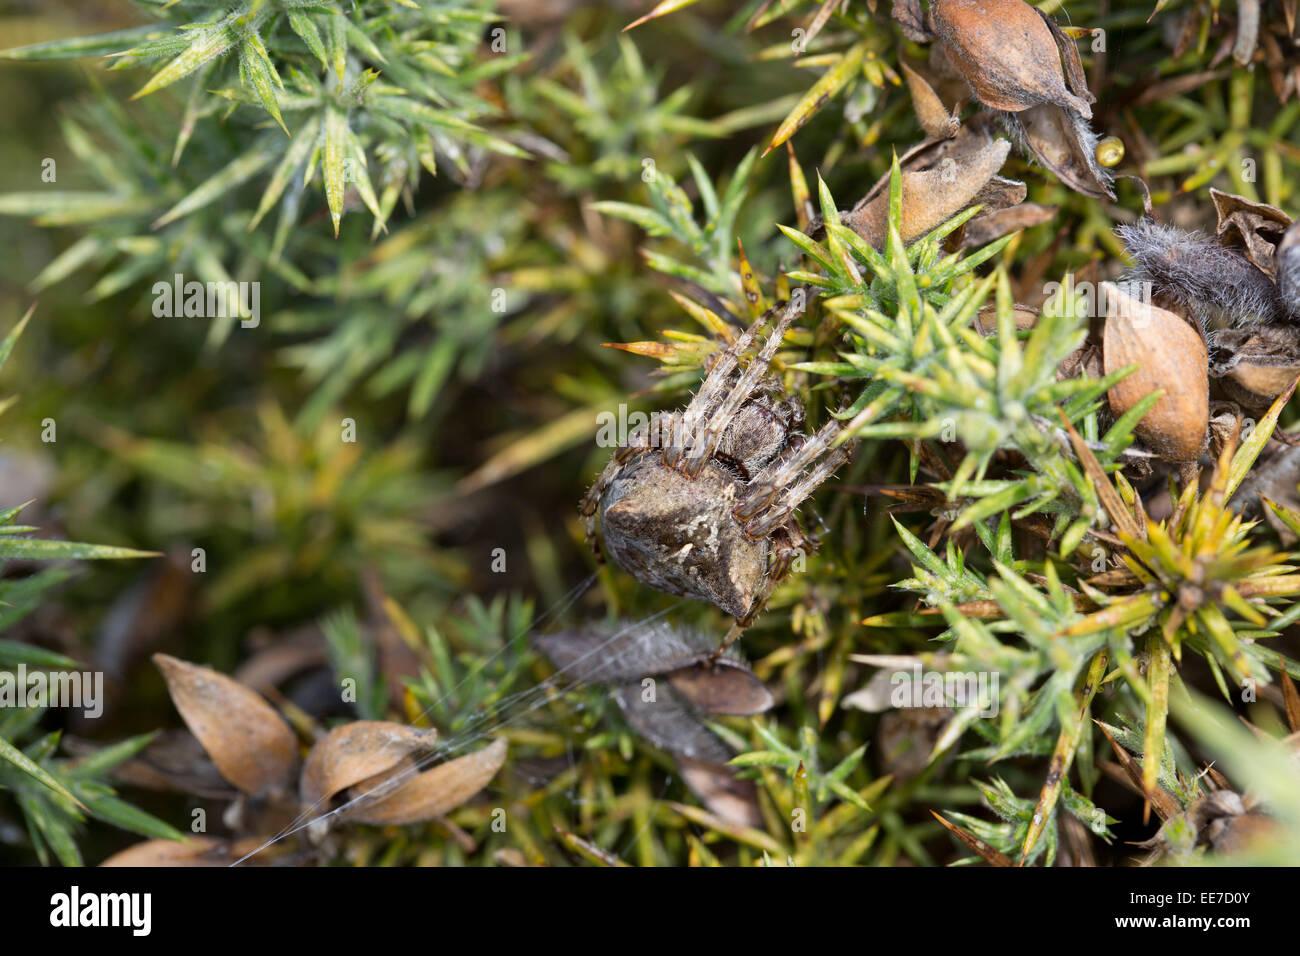 Angular Orb Weaving Spider; Araneus angulatus; Cornwall; UK - Stock Image